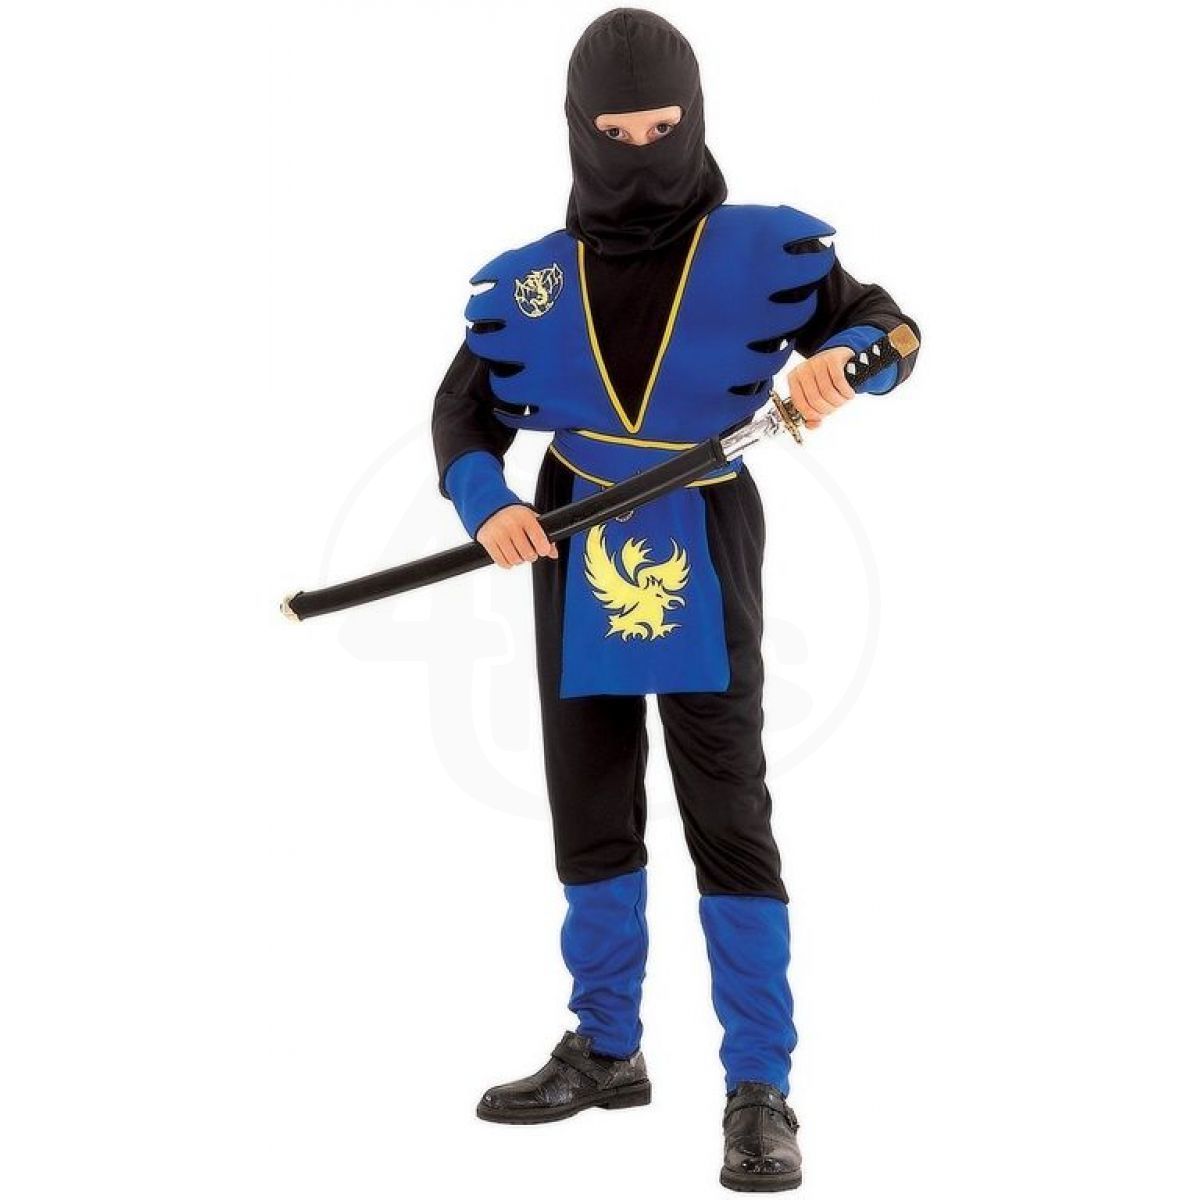 Made Dětský kostým Ninja modrý 120-130 cm